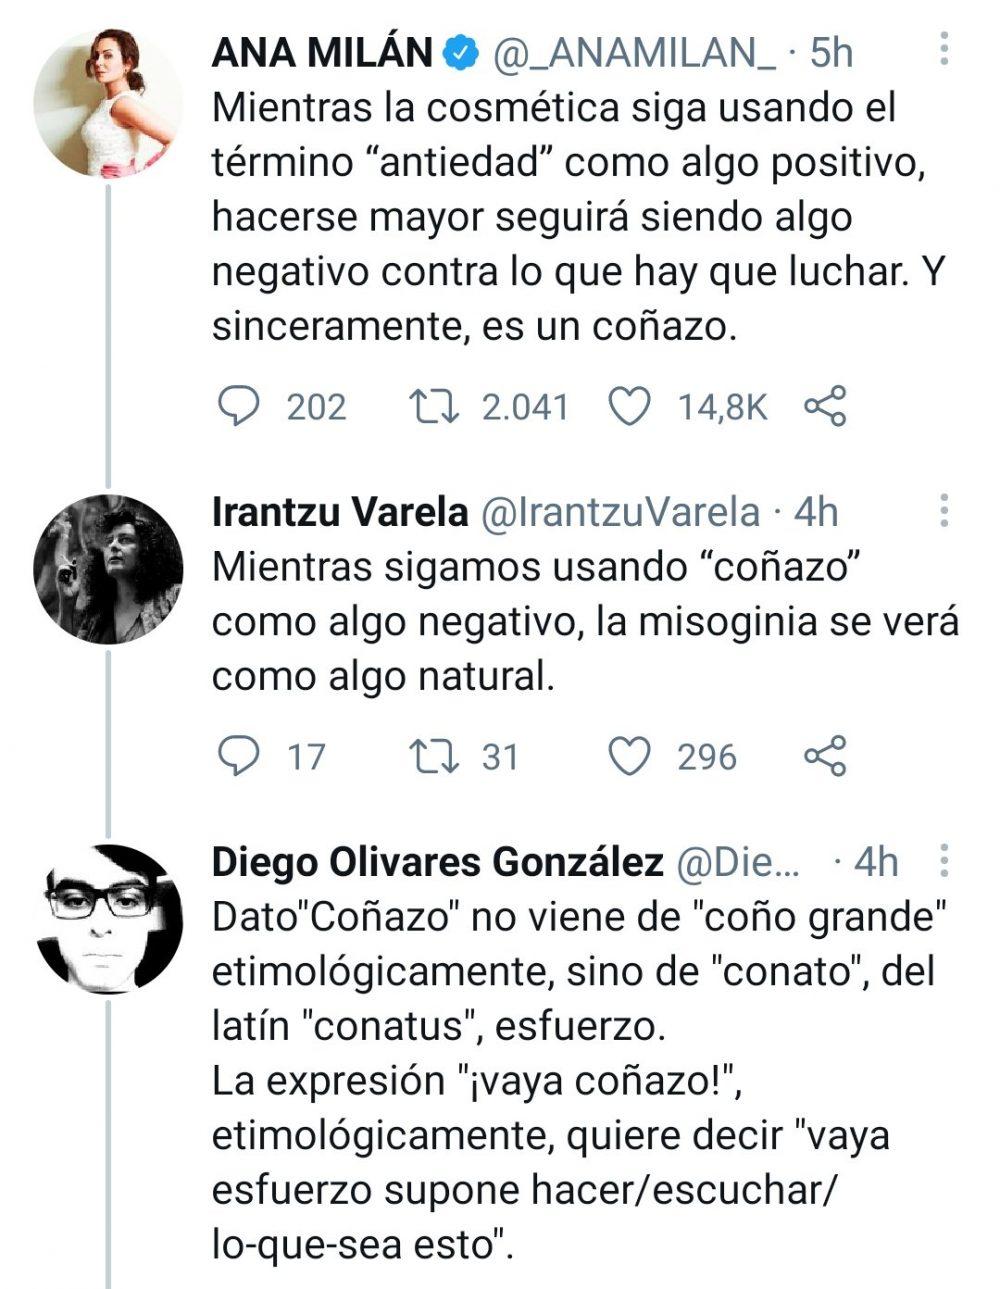 Nunca está de más un zasca a Irantzu Varela